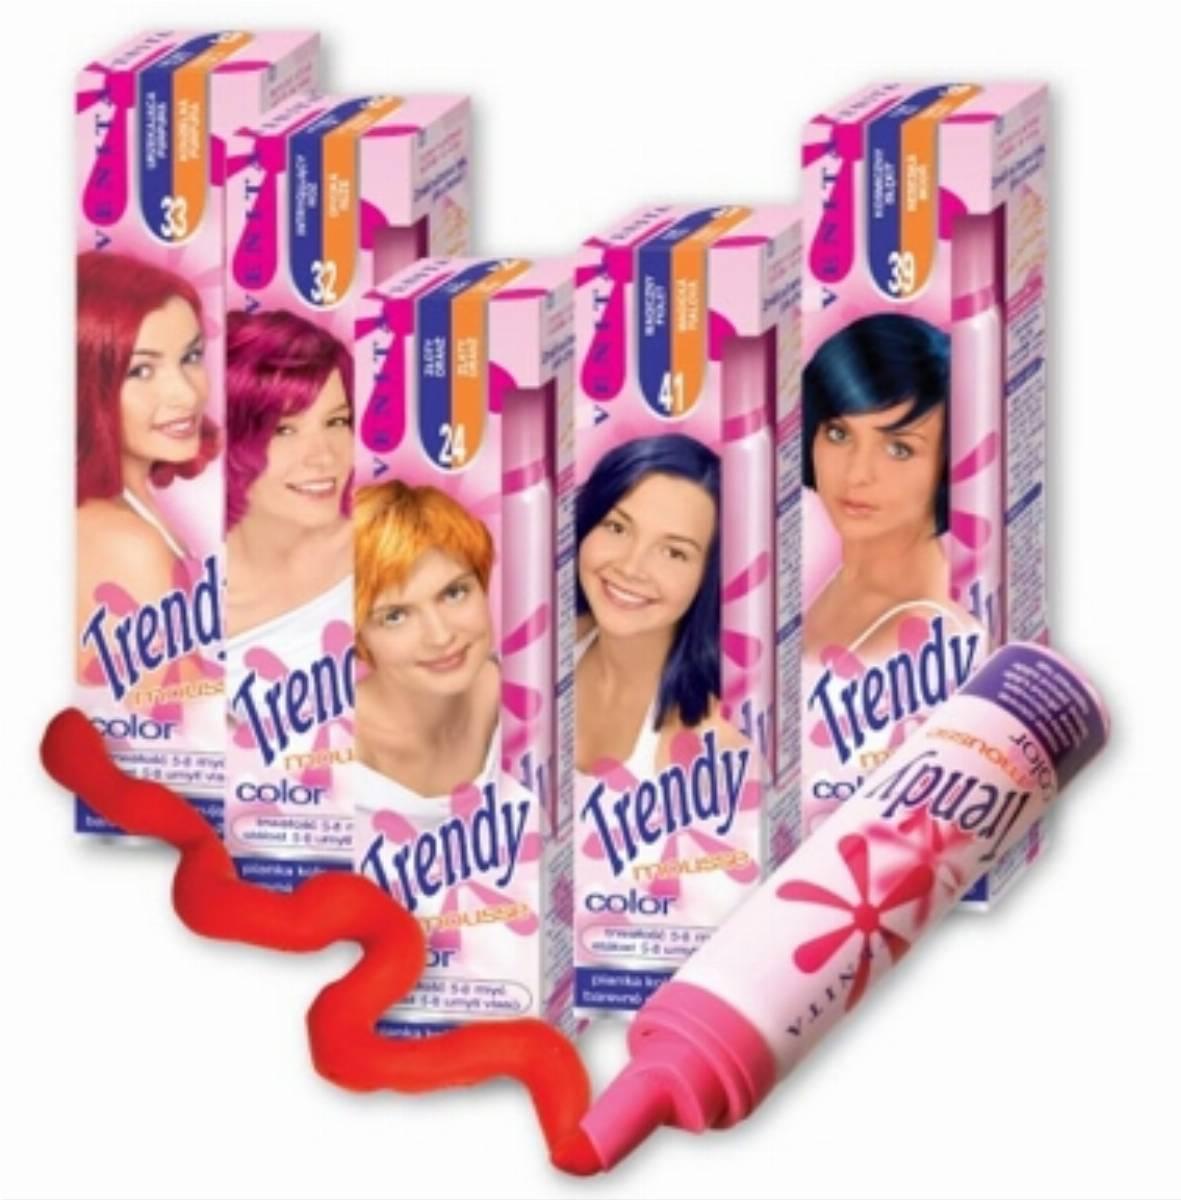 pianki koloryzujące do włosów